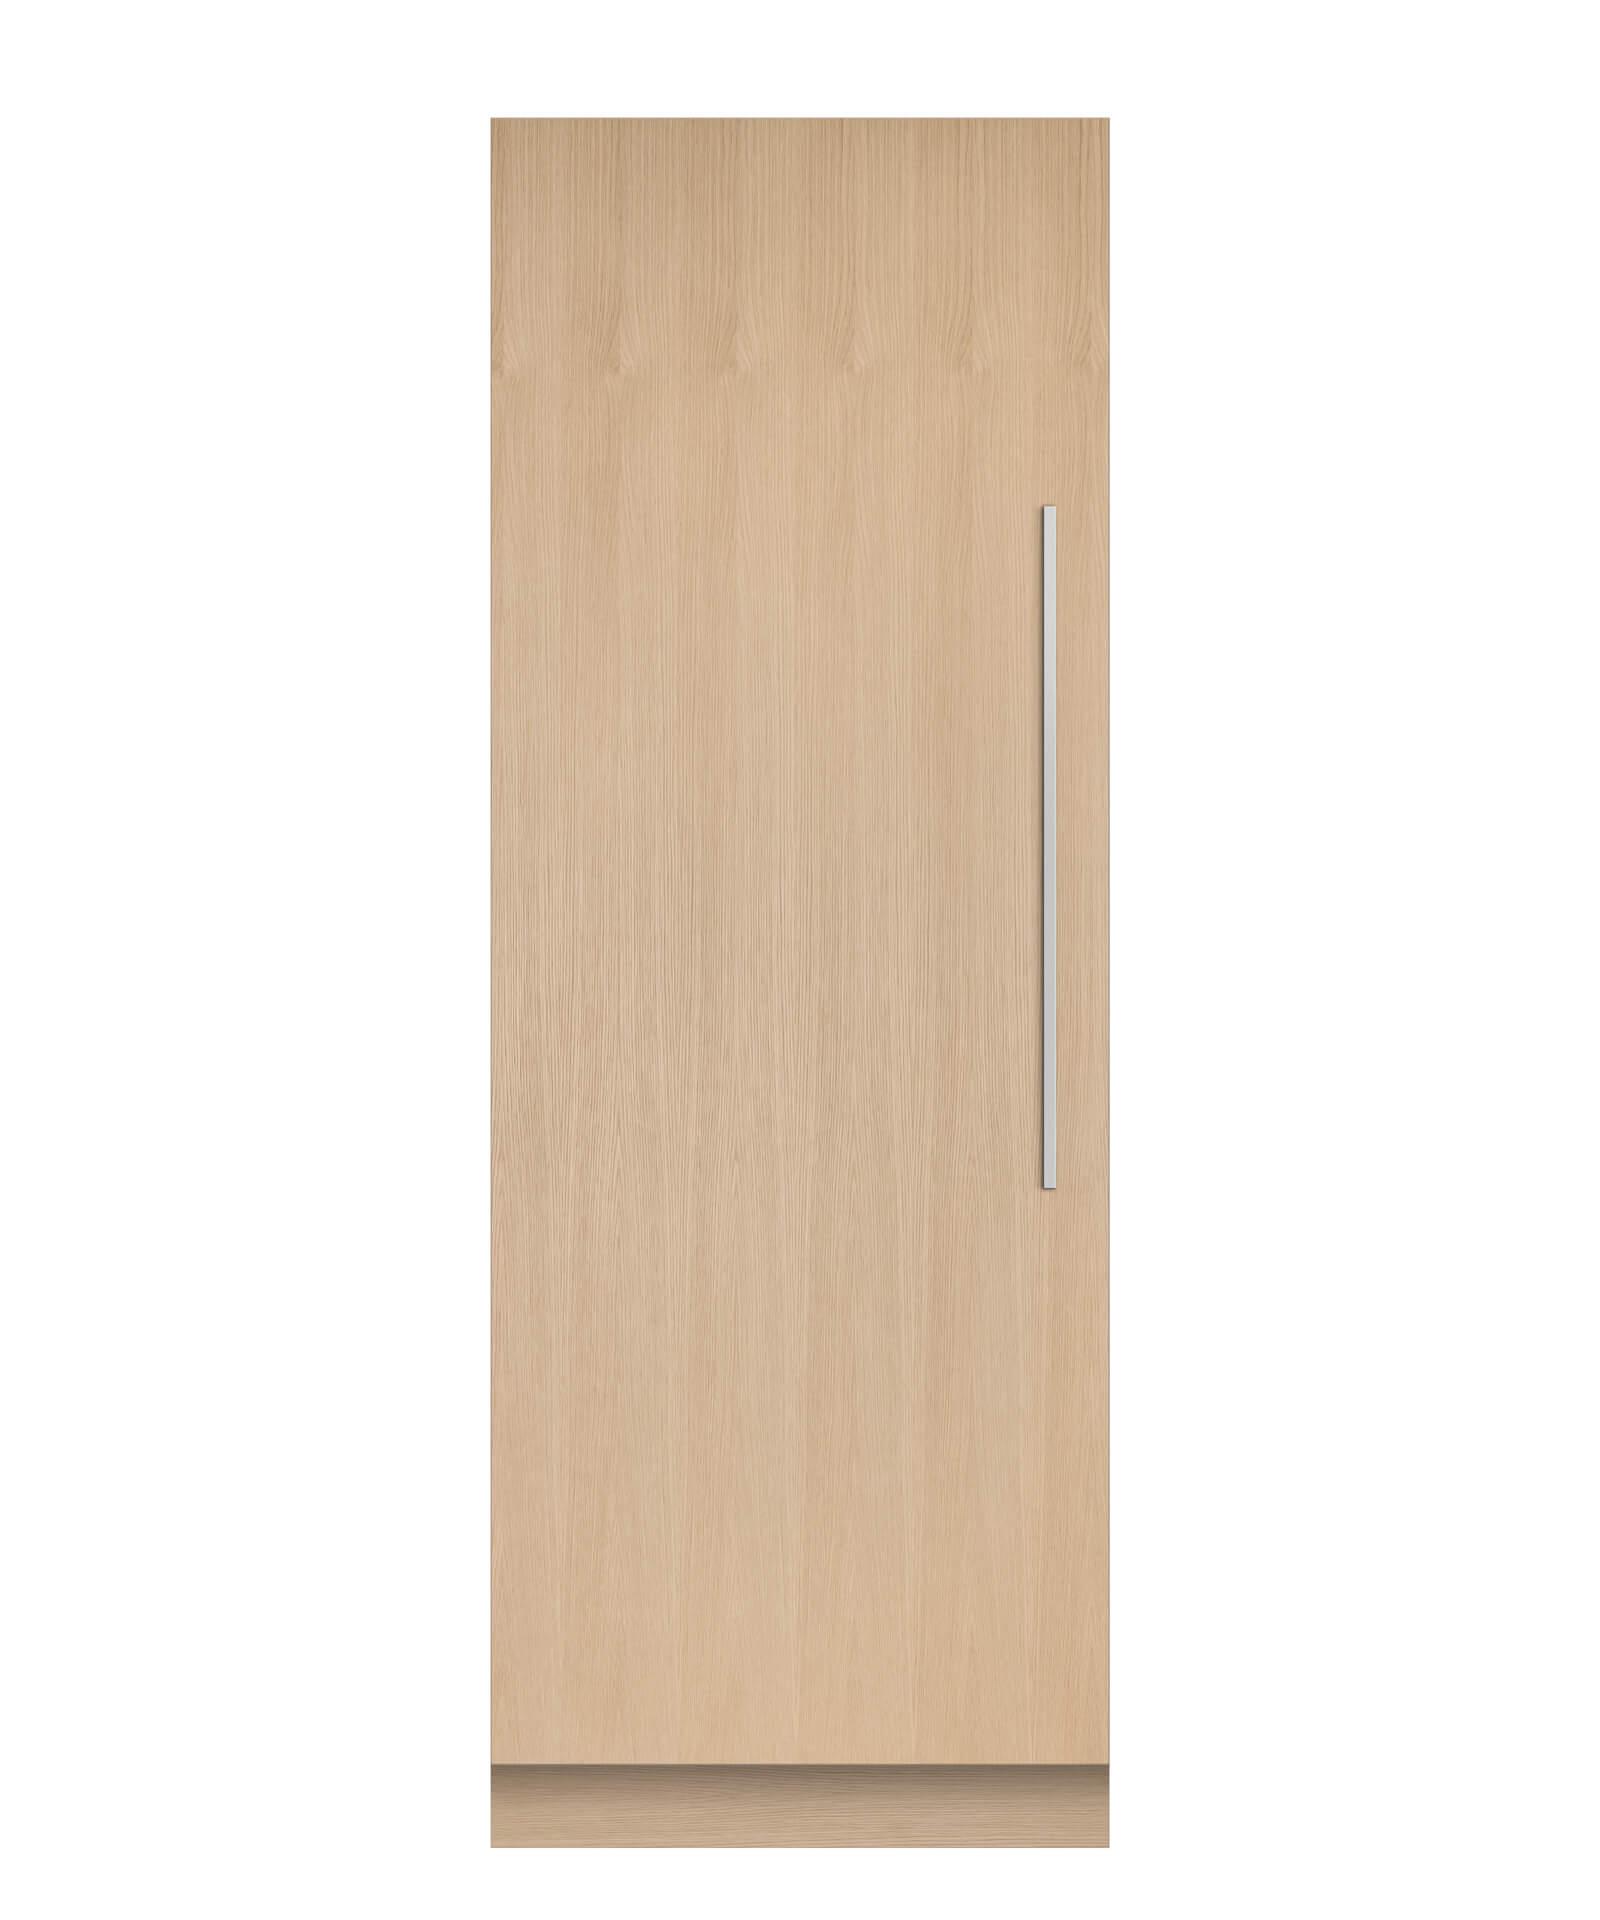 Rs7621slk1 Integrated Column Refrigerator 762mm Fisher